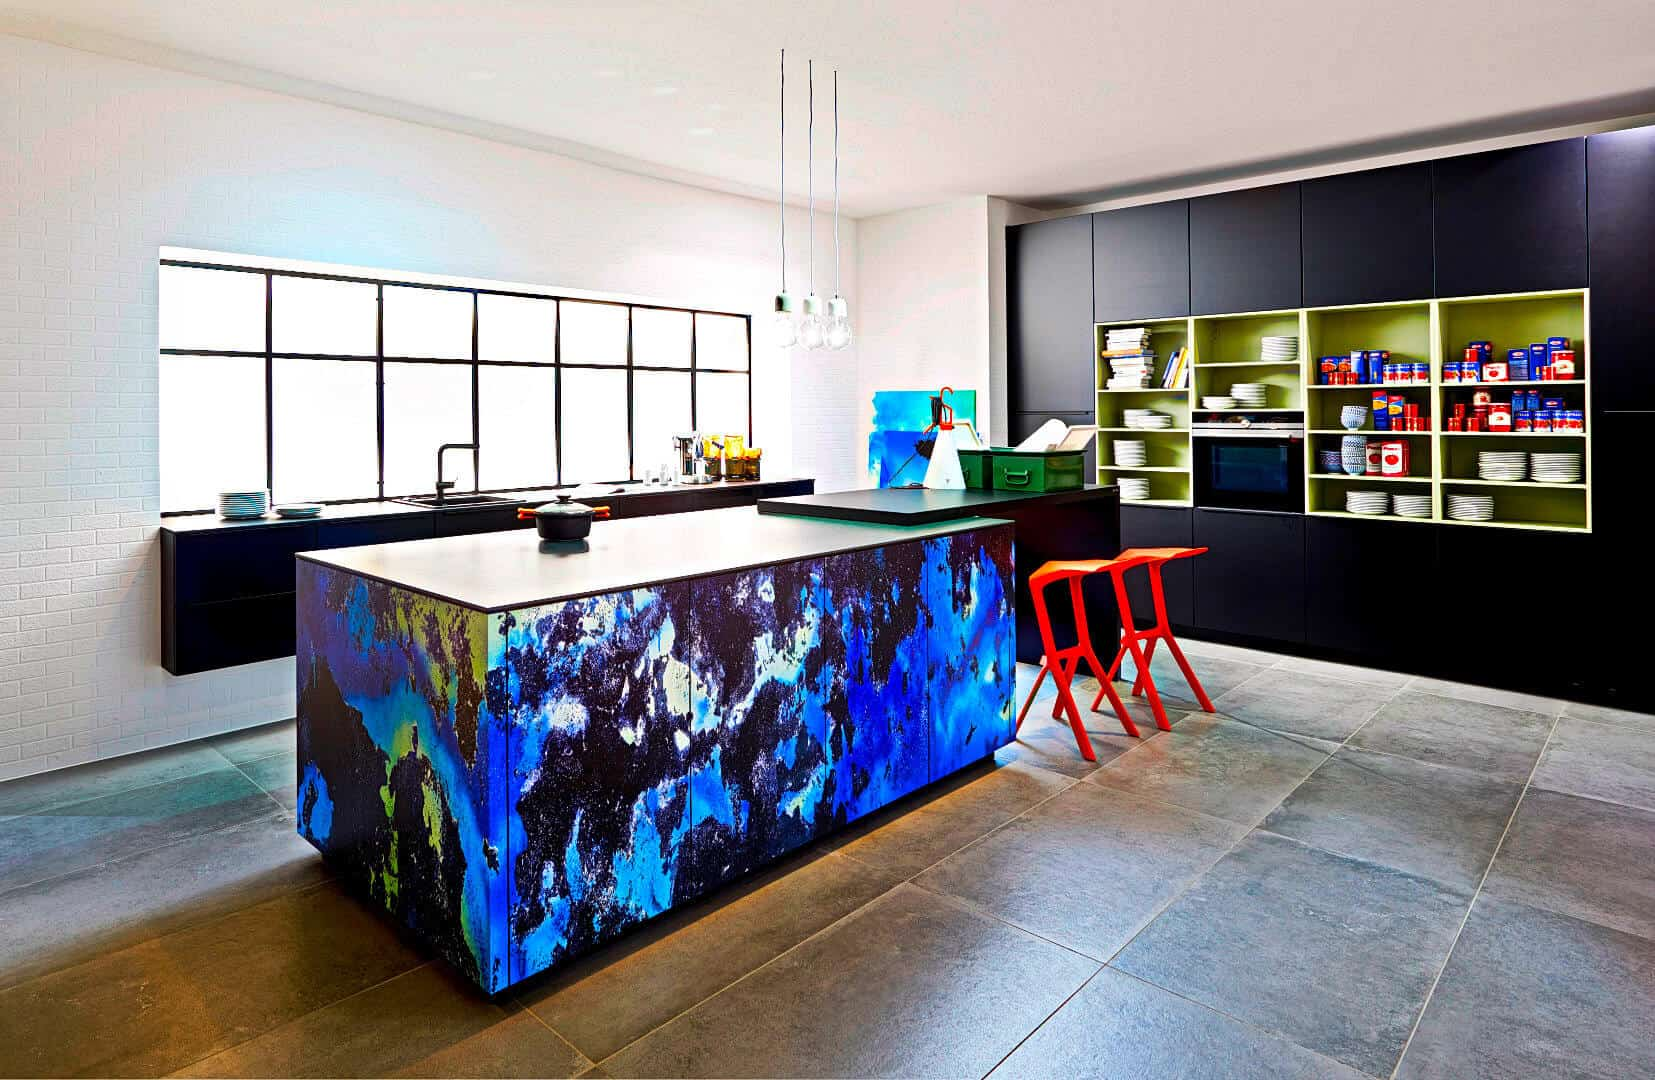 K chen u form kaufen ikea k che folie amerikanische grundriss sitzbank bar tafel wohnzimmer und - Blaue fliesen kuche ...